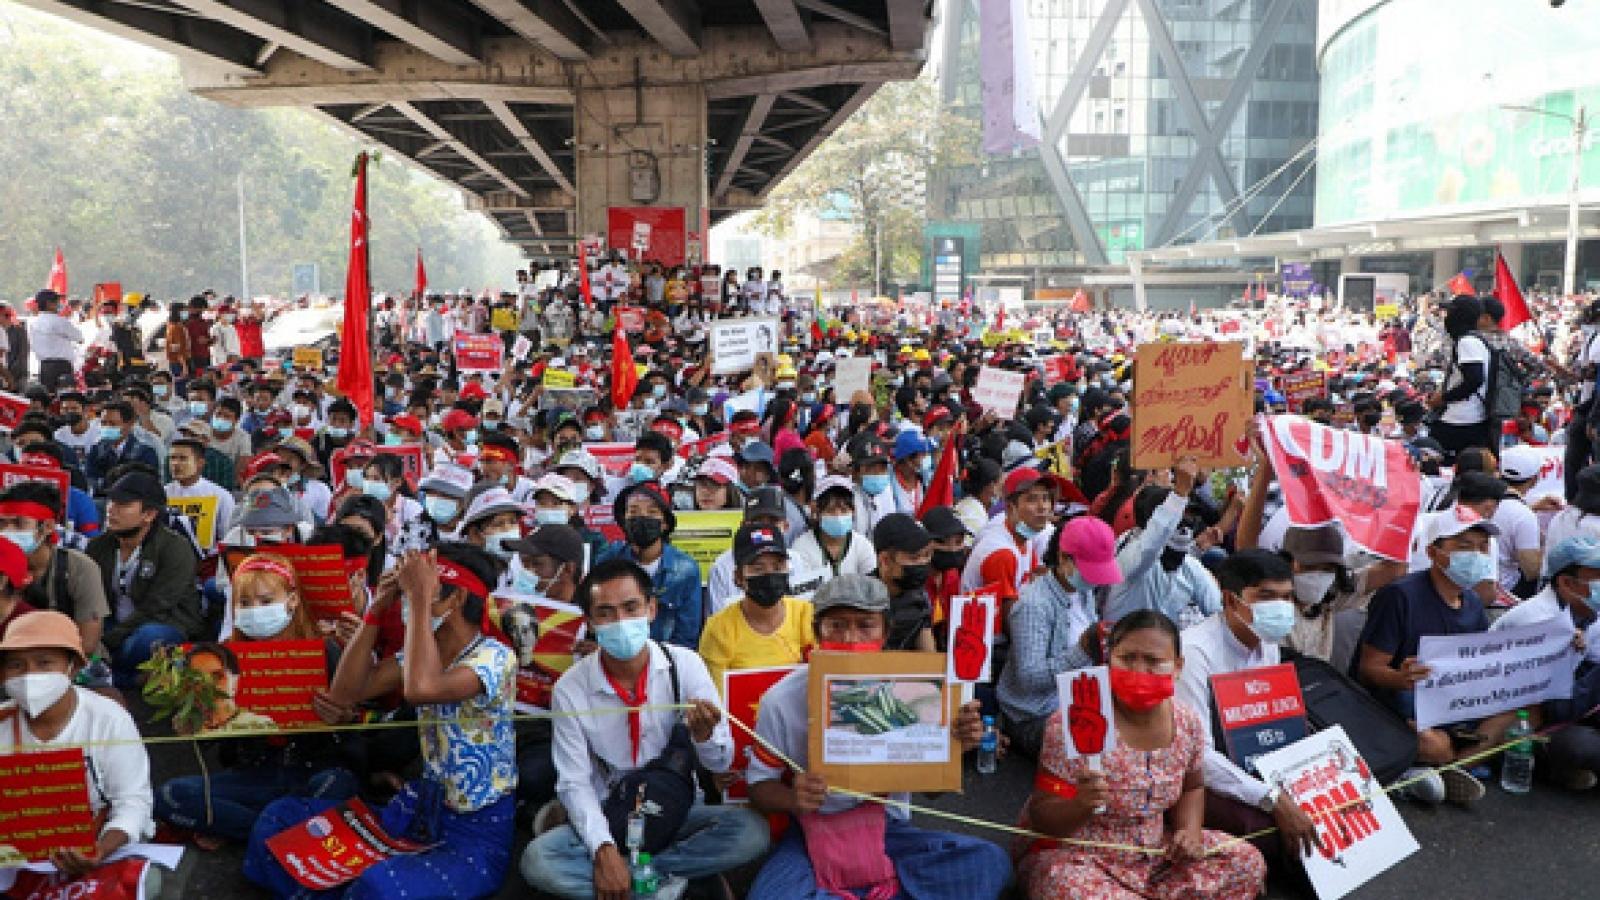 Liên Hợp Quốc kêu gọi quân đội Myanmar dừng đàn áp người biểu tình